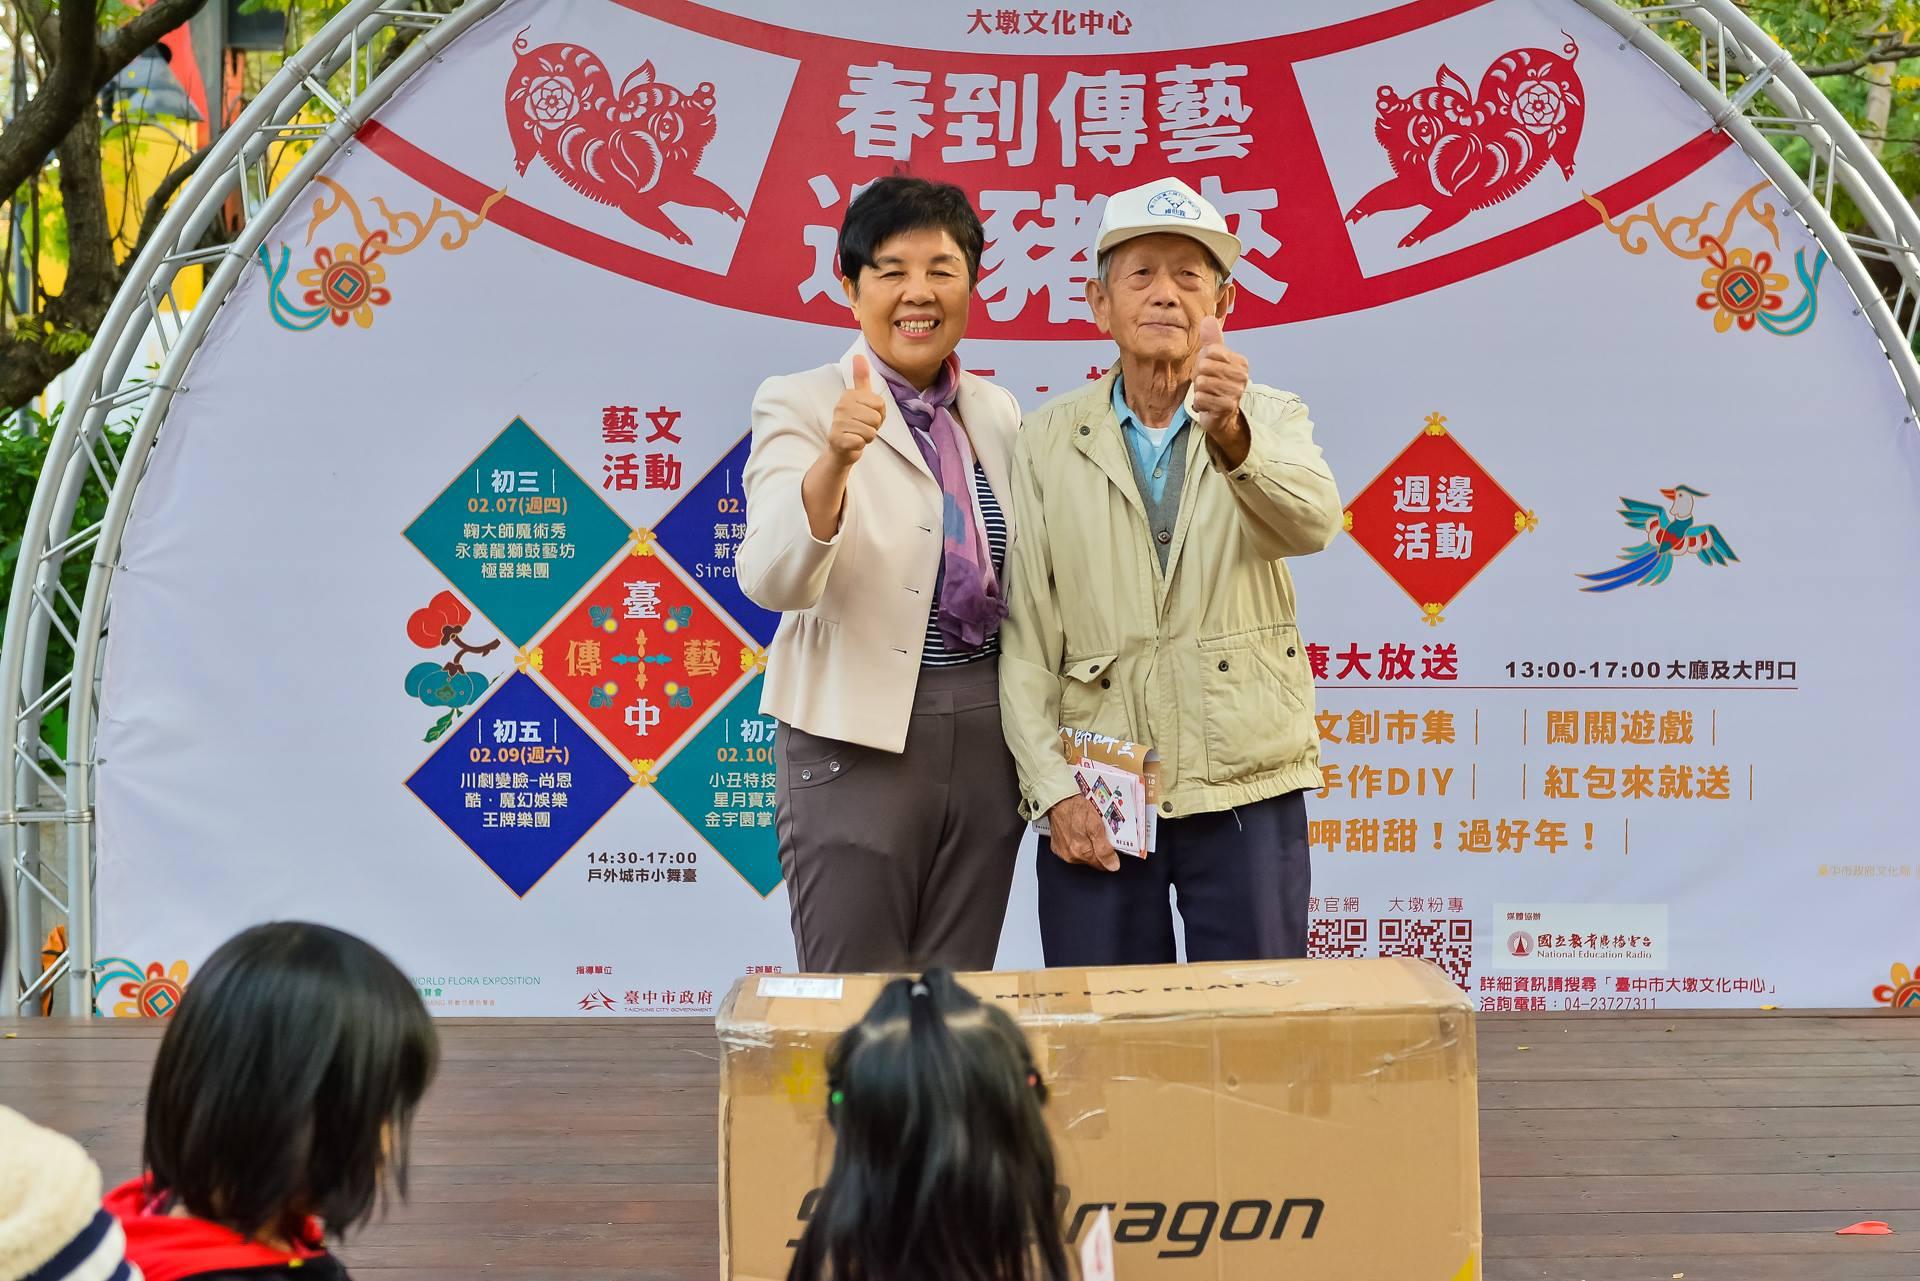 大墩文化中心陳秘書富滿抽出本日最大獎,為2019年的傳統藝術節畫下完美的句點。